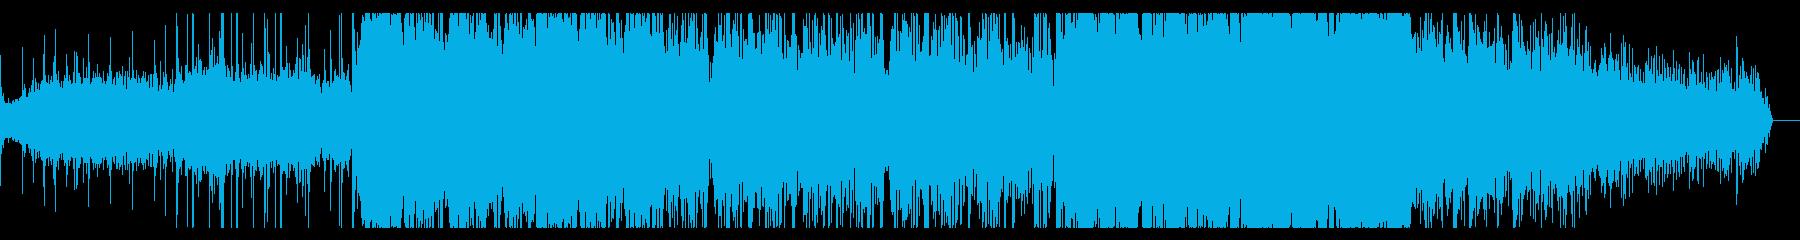 陰鬱でノイジーなテクスチャの再生済みの波形